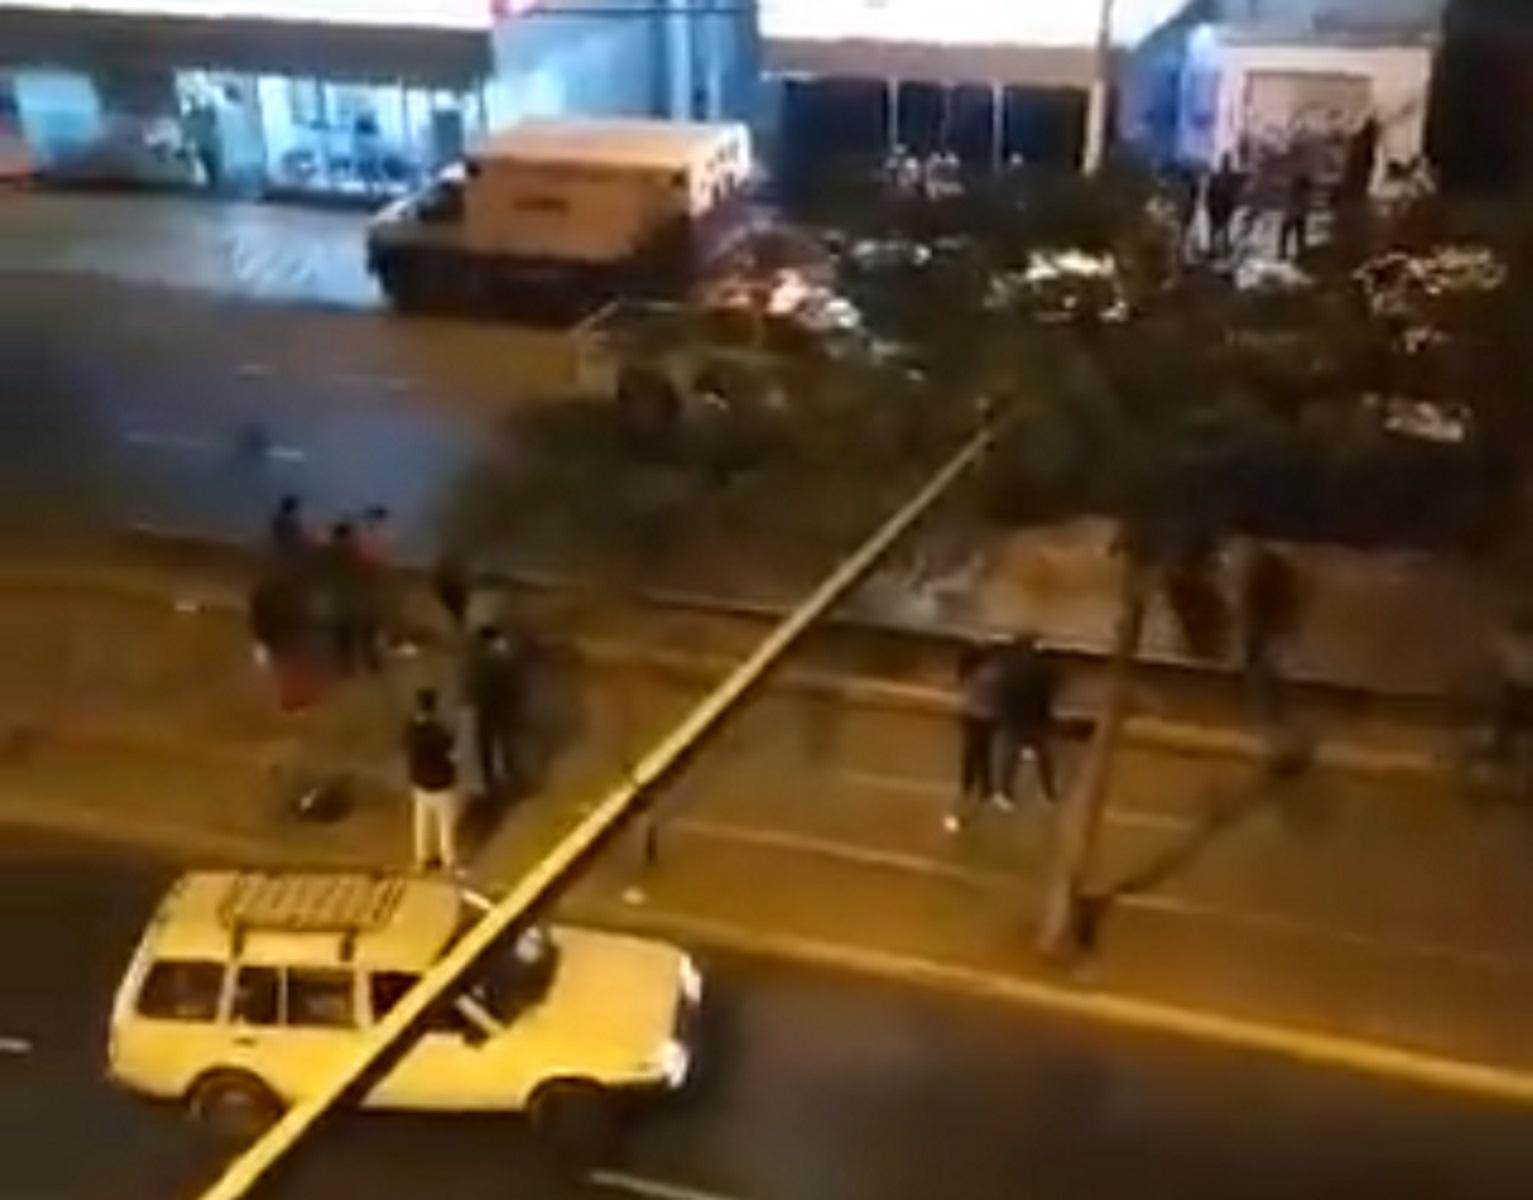 Κορονοϊός: Toυλάχιστον 13 νεκροί σε ντισκοτεκ στο Περού – Ποδοπατήθηκαν σε έφοδο αστυνομικών